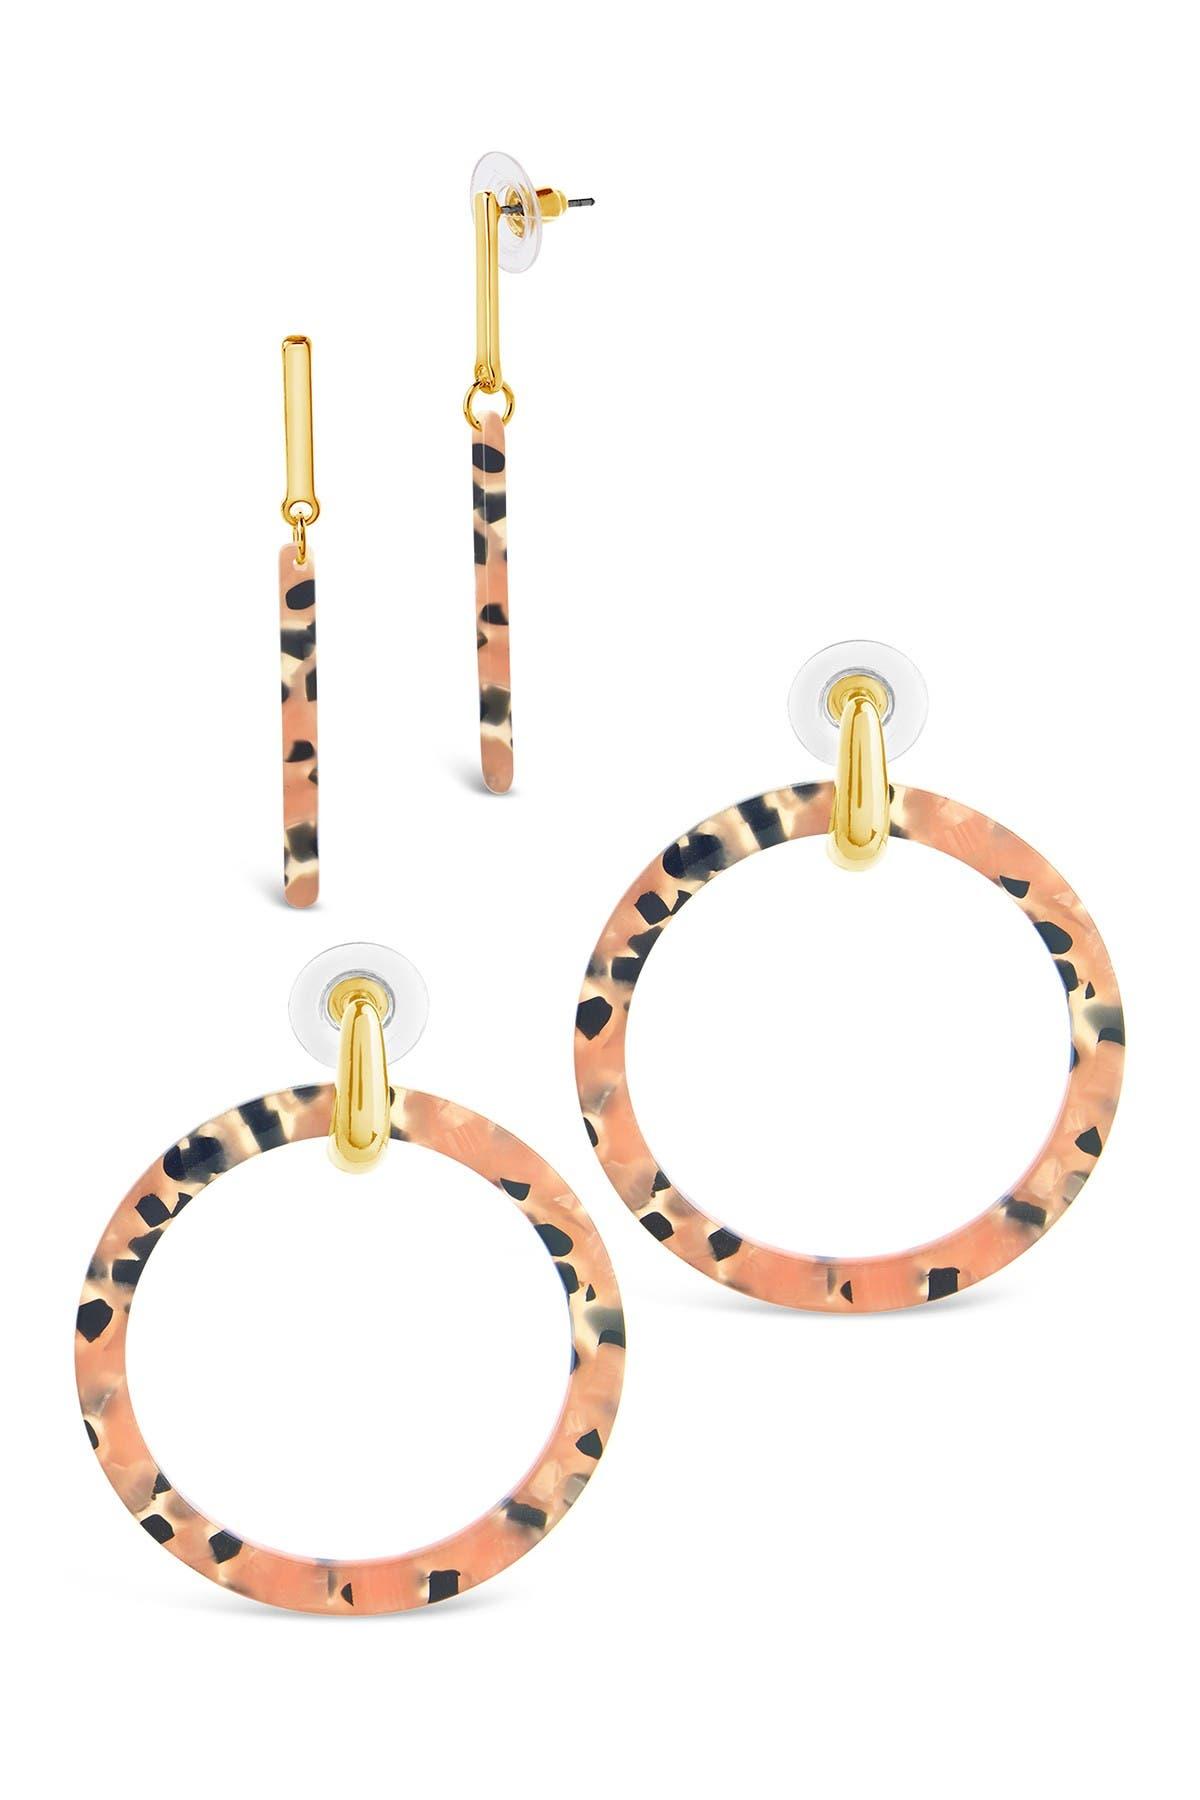 Image of Sterling Forever Pinks Sands Resin Earrings - Set of 2